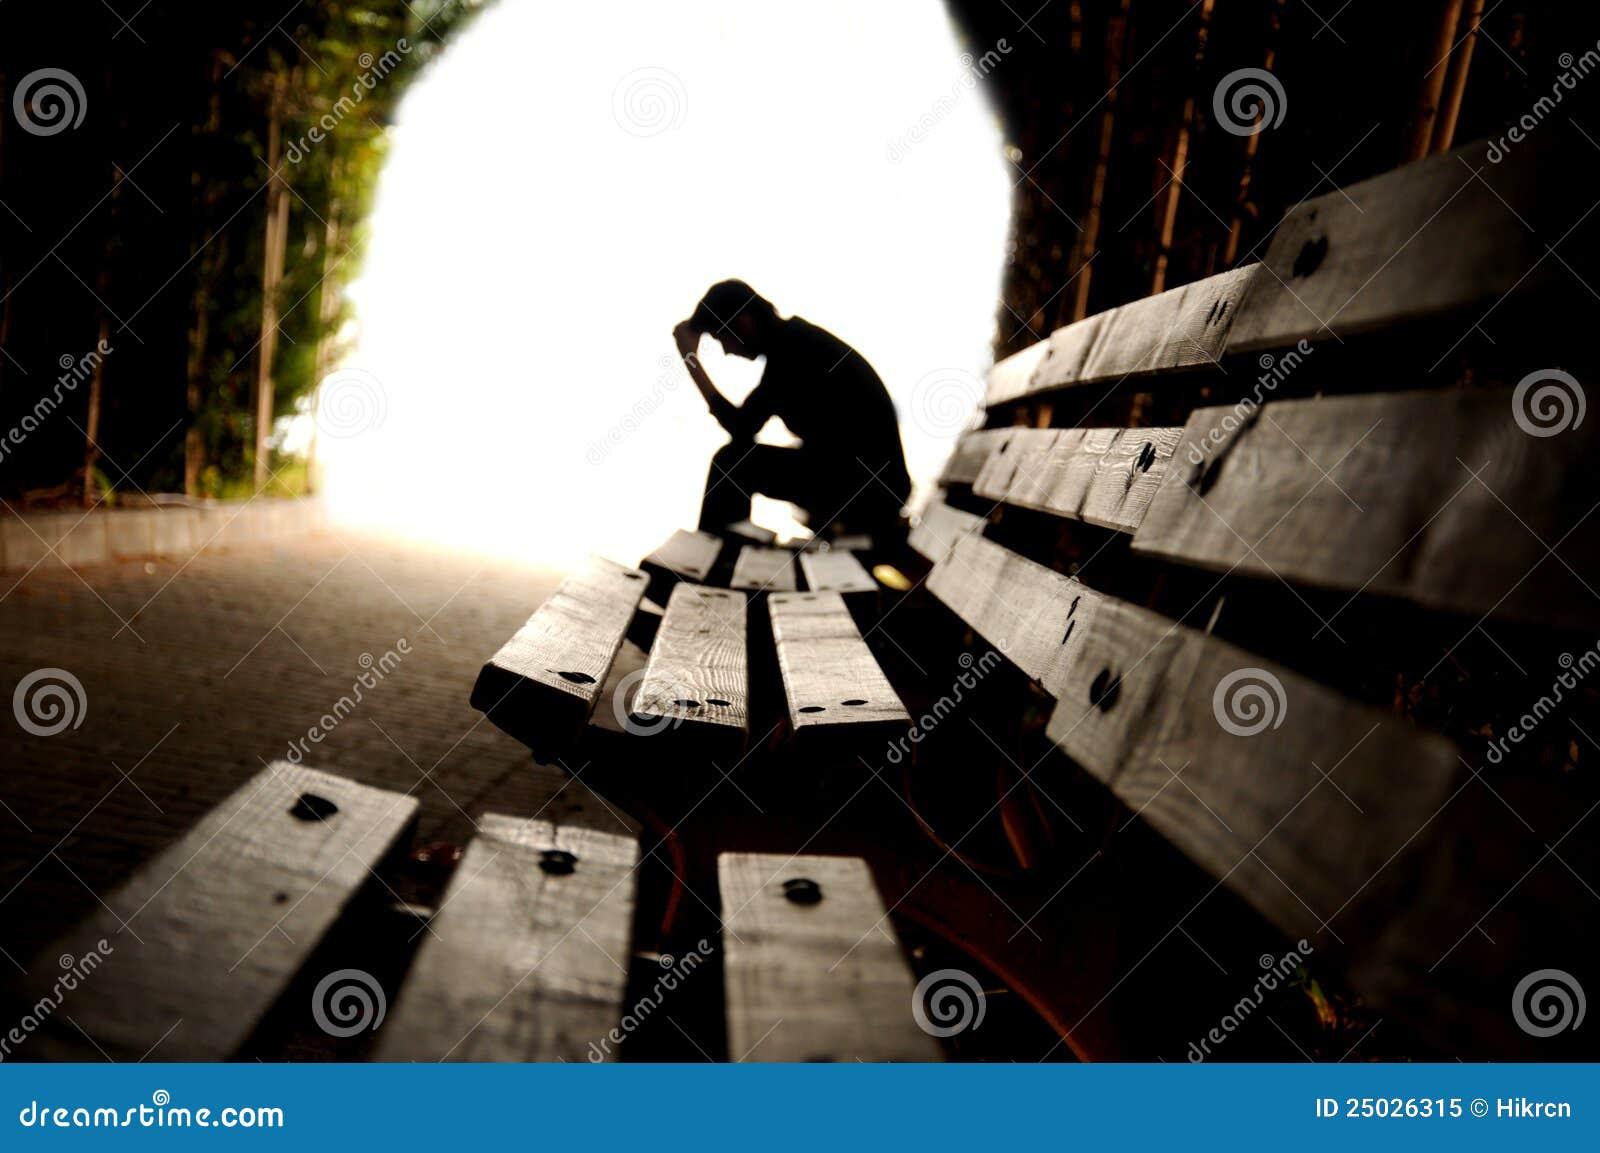 Depresión, depresión adolescente, dolor, sufrimiento, tunn